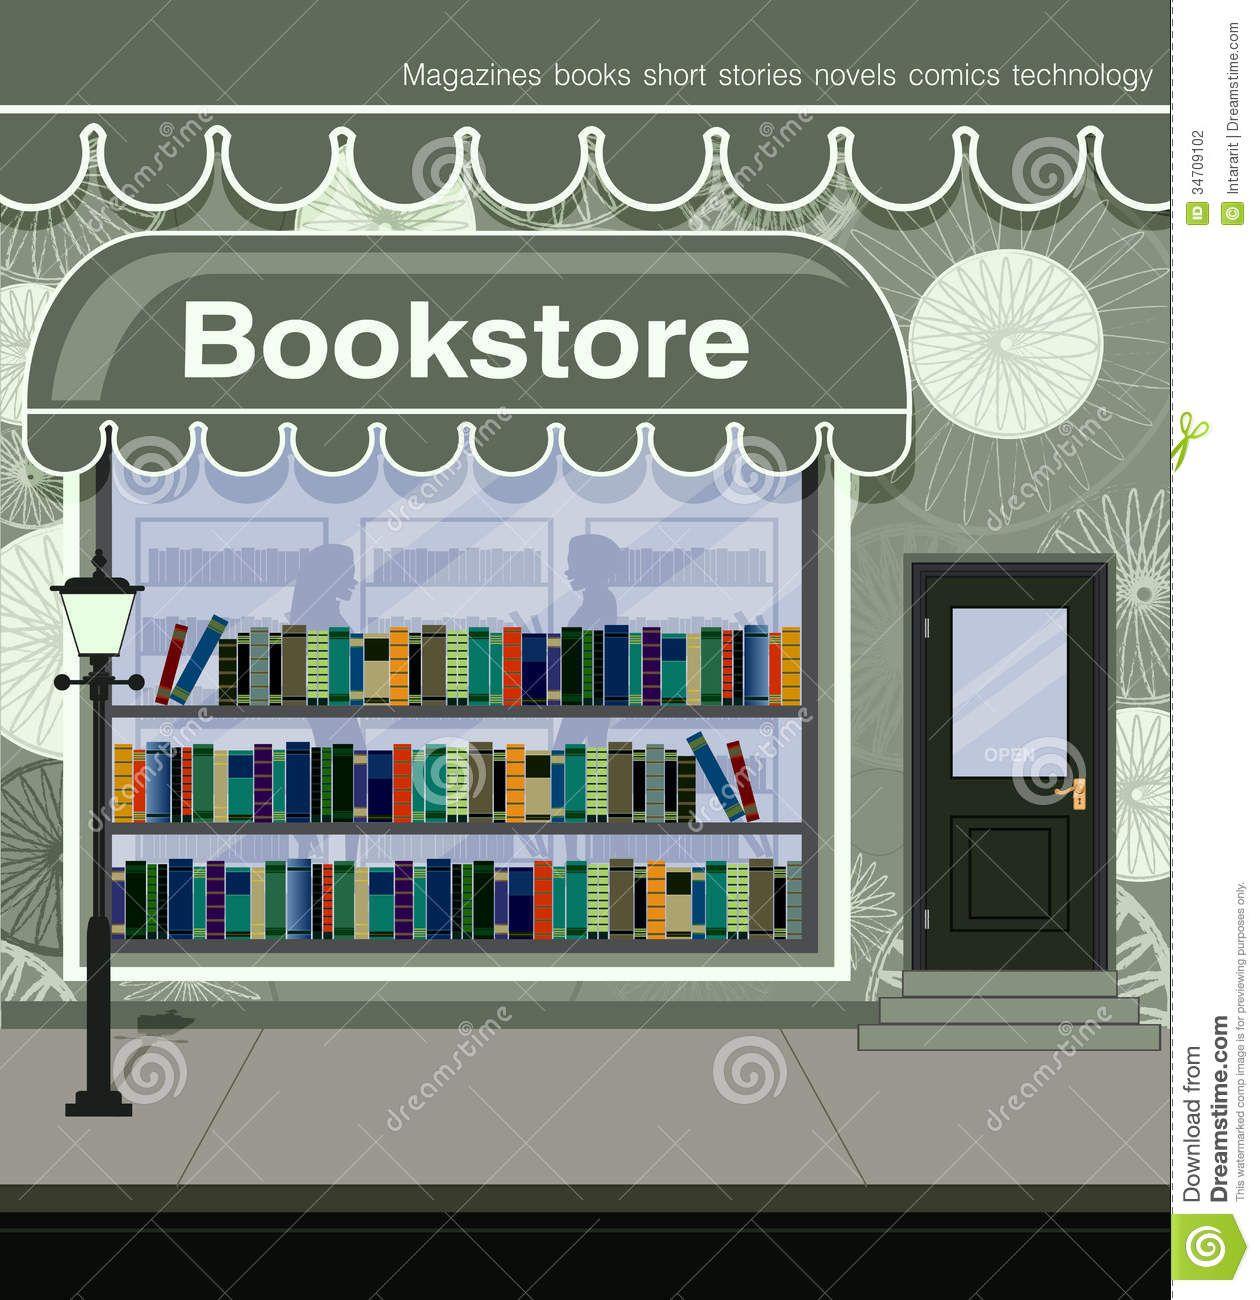 bookstore clipart.